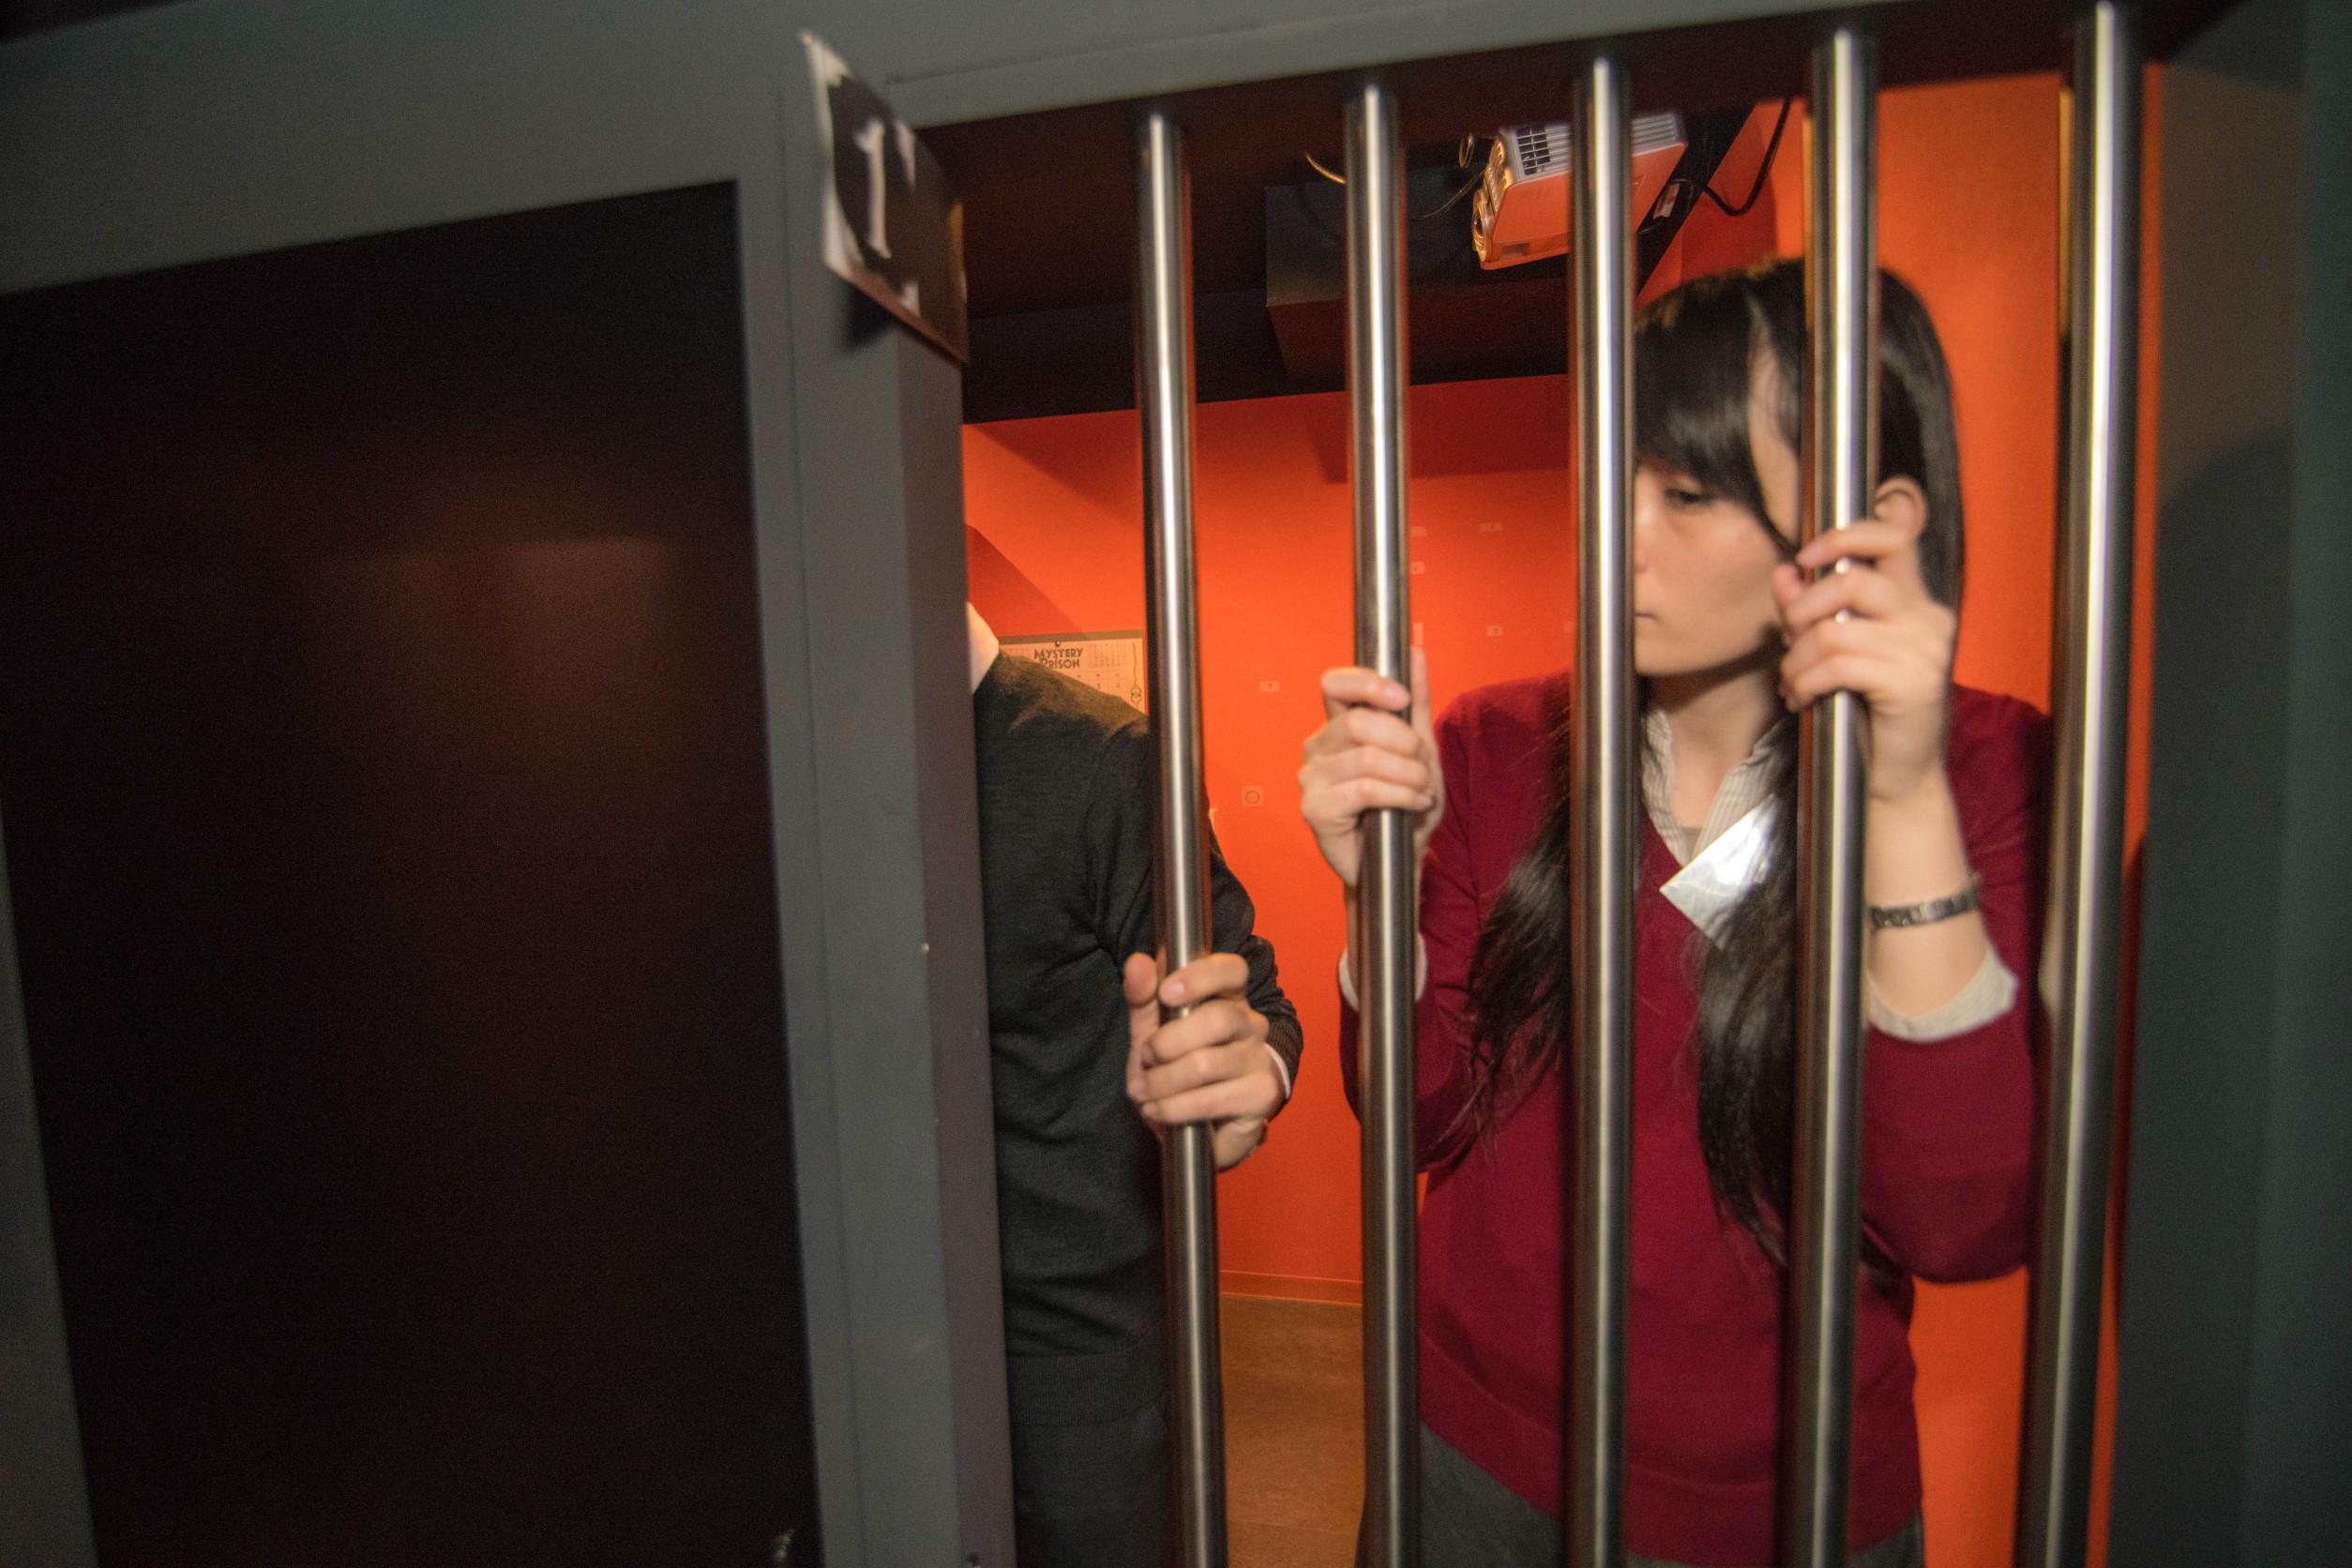 リアル脱出ゲーム「ある刑務所からの脱出」に、一足早くカップルで挑戦してみた